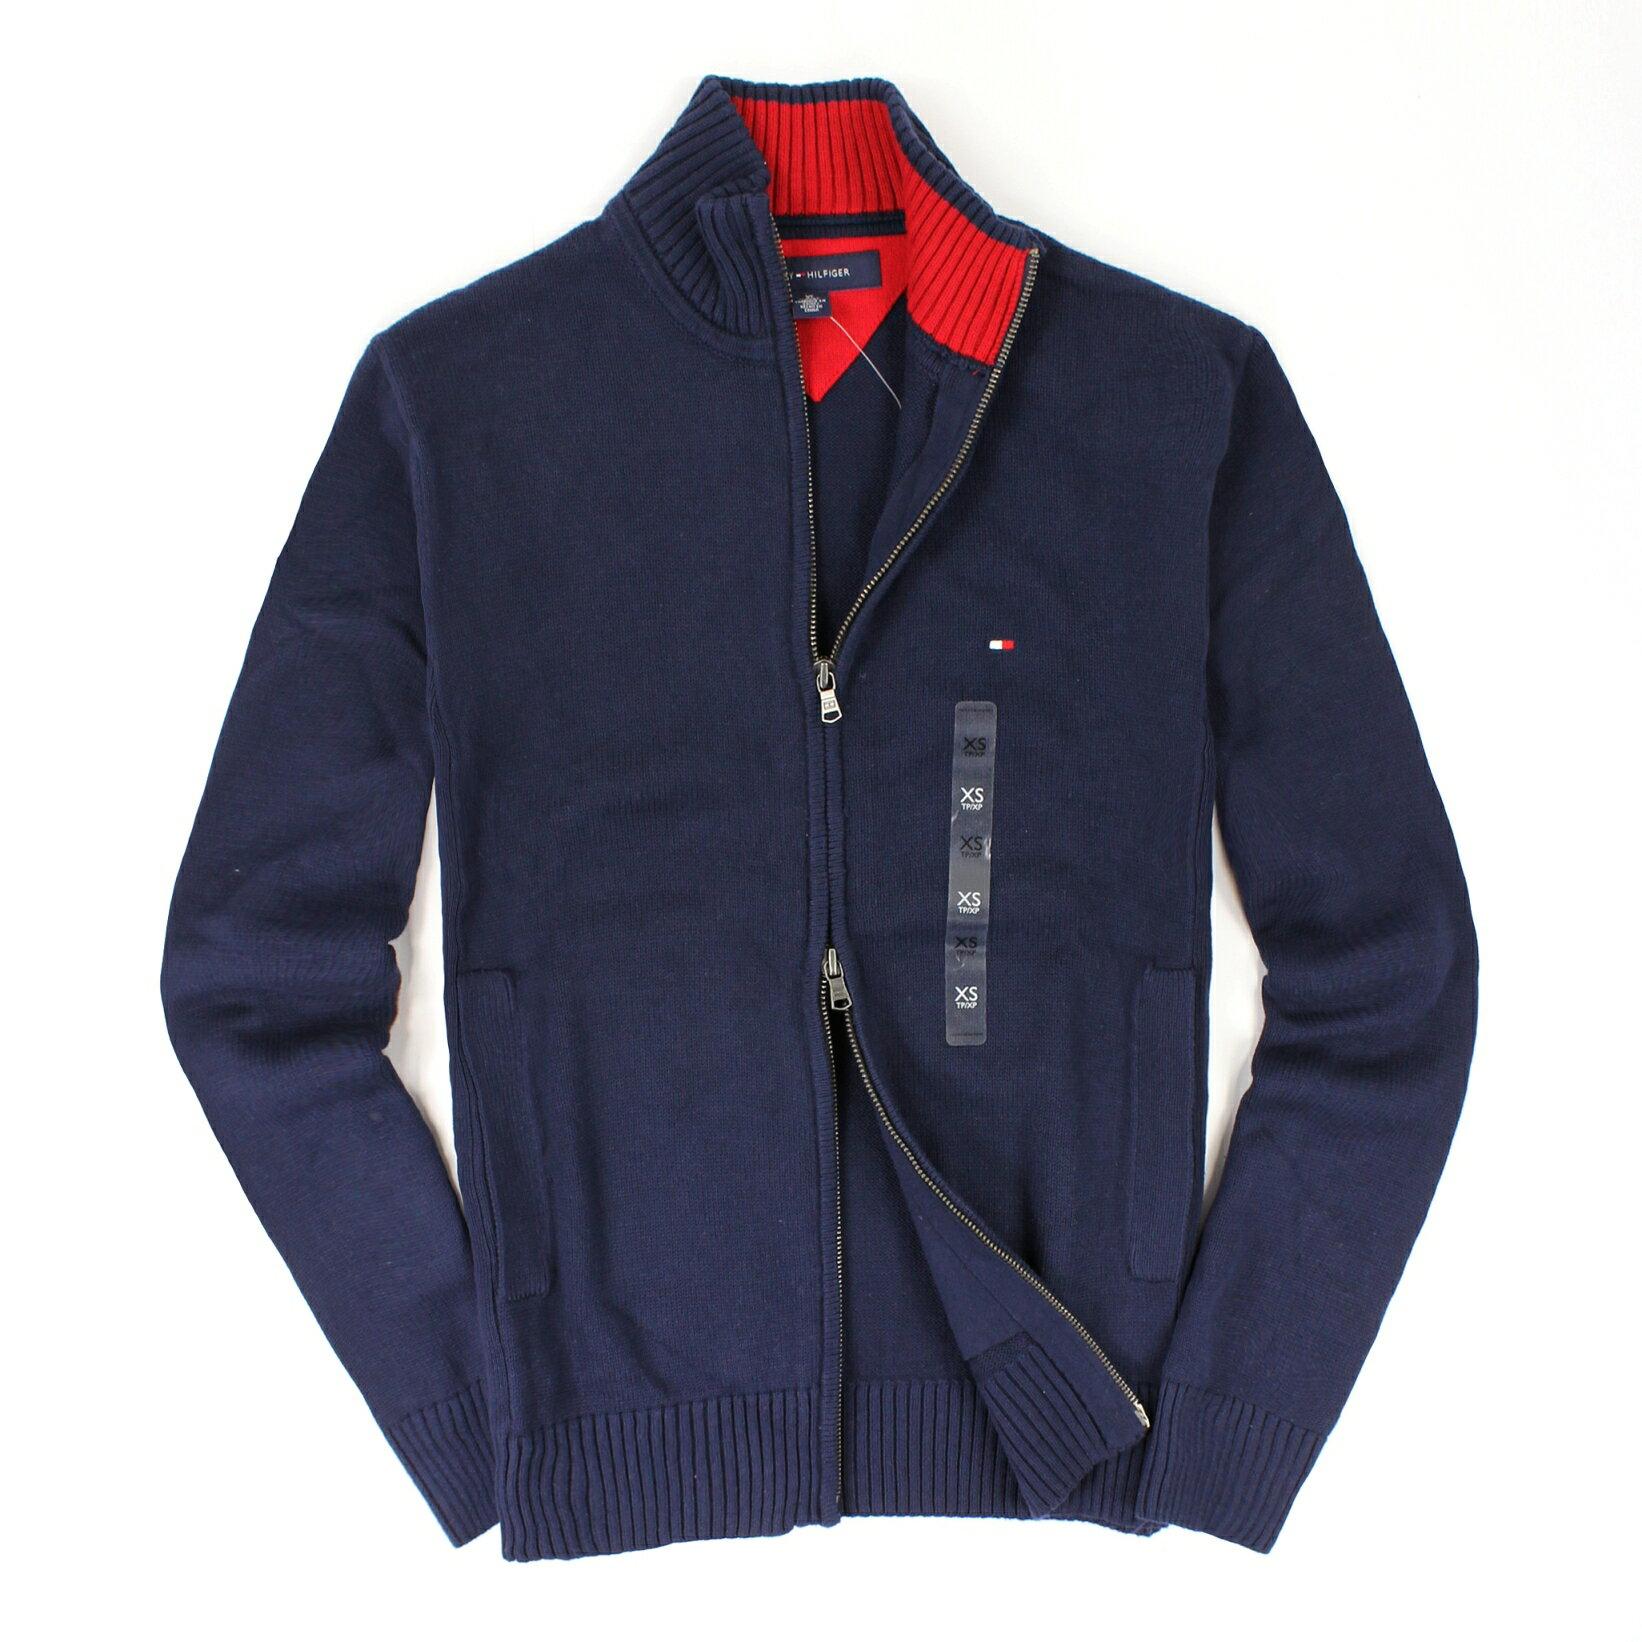 美國百分百【全新真品】Tommy Hilfiger 外套 TH 針織衫 長袖 深藍 素面 雙頭拉鍊 純棉 男 XS S號